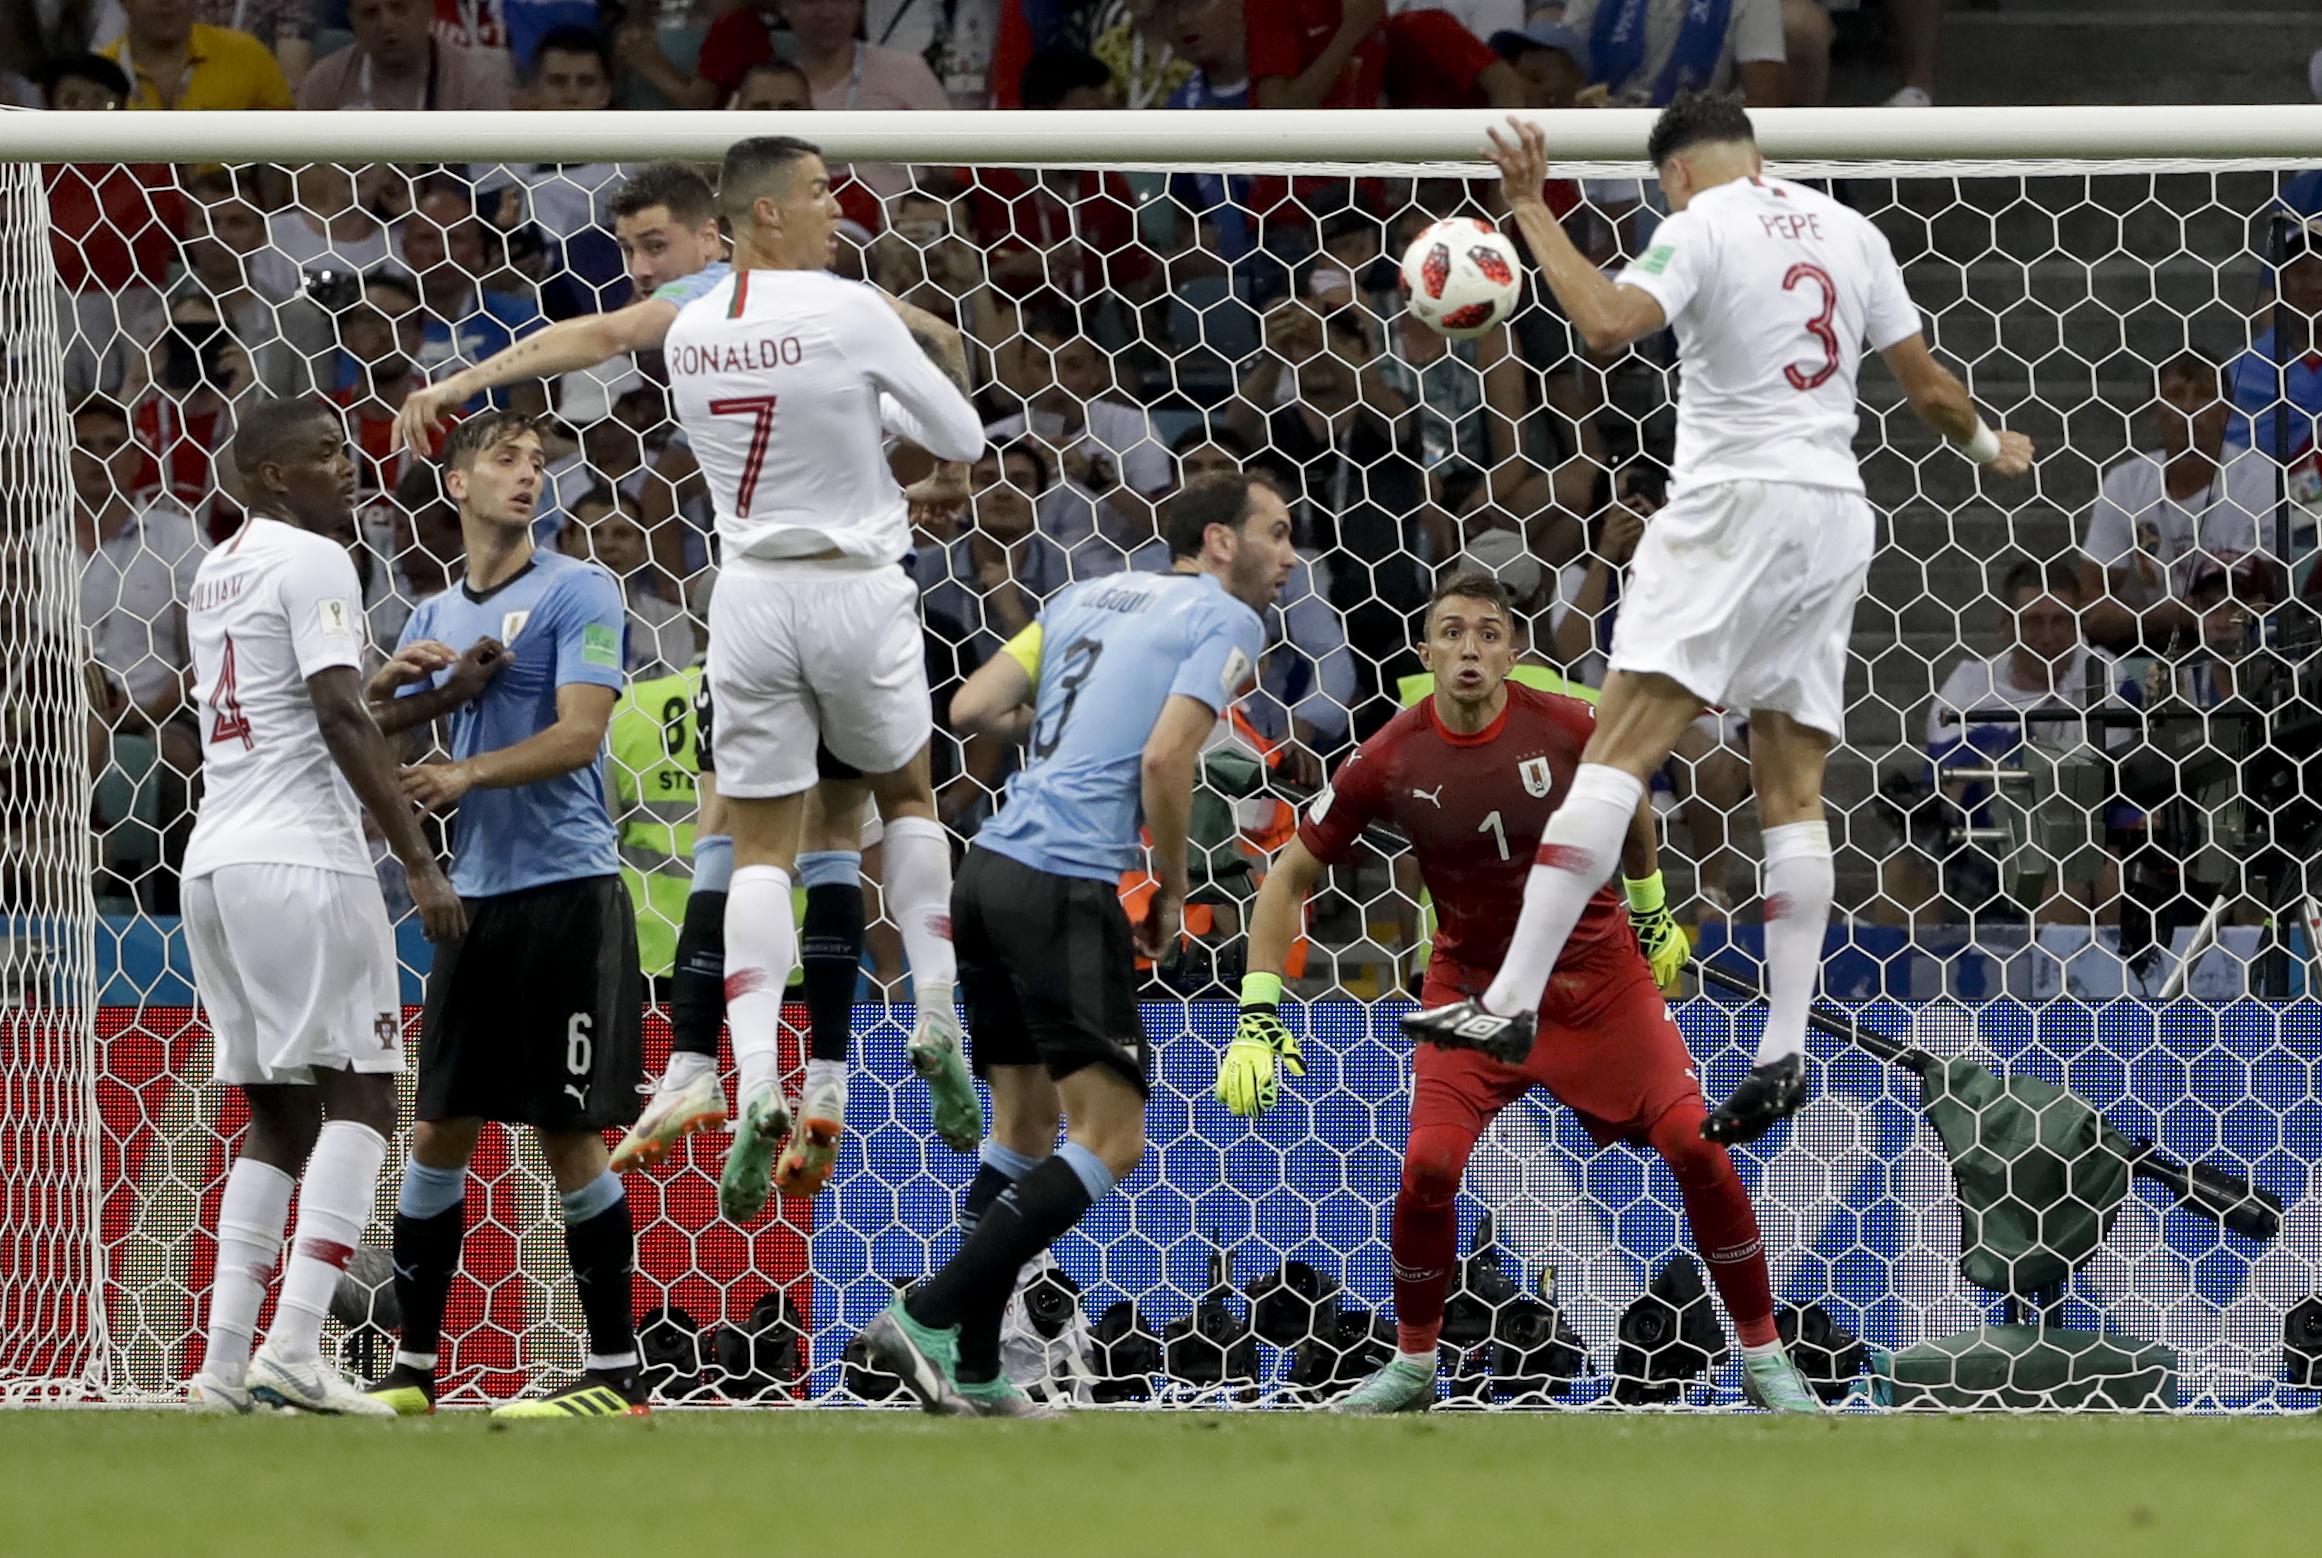 比比接應傳中,在無人看管下頭槌破網,為葡萄牙追成1:1平手。AP